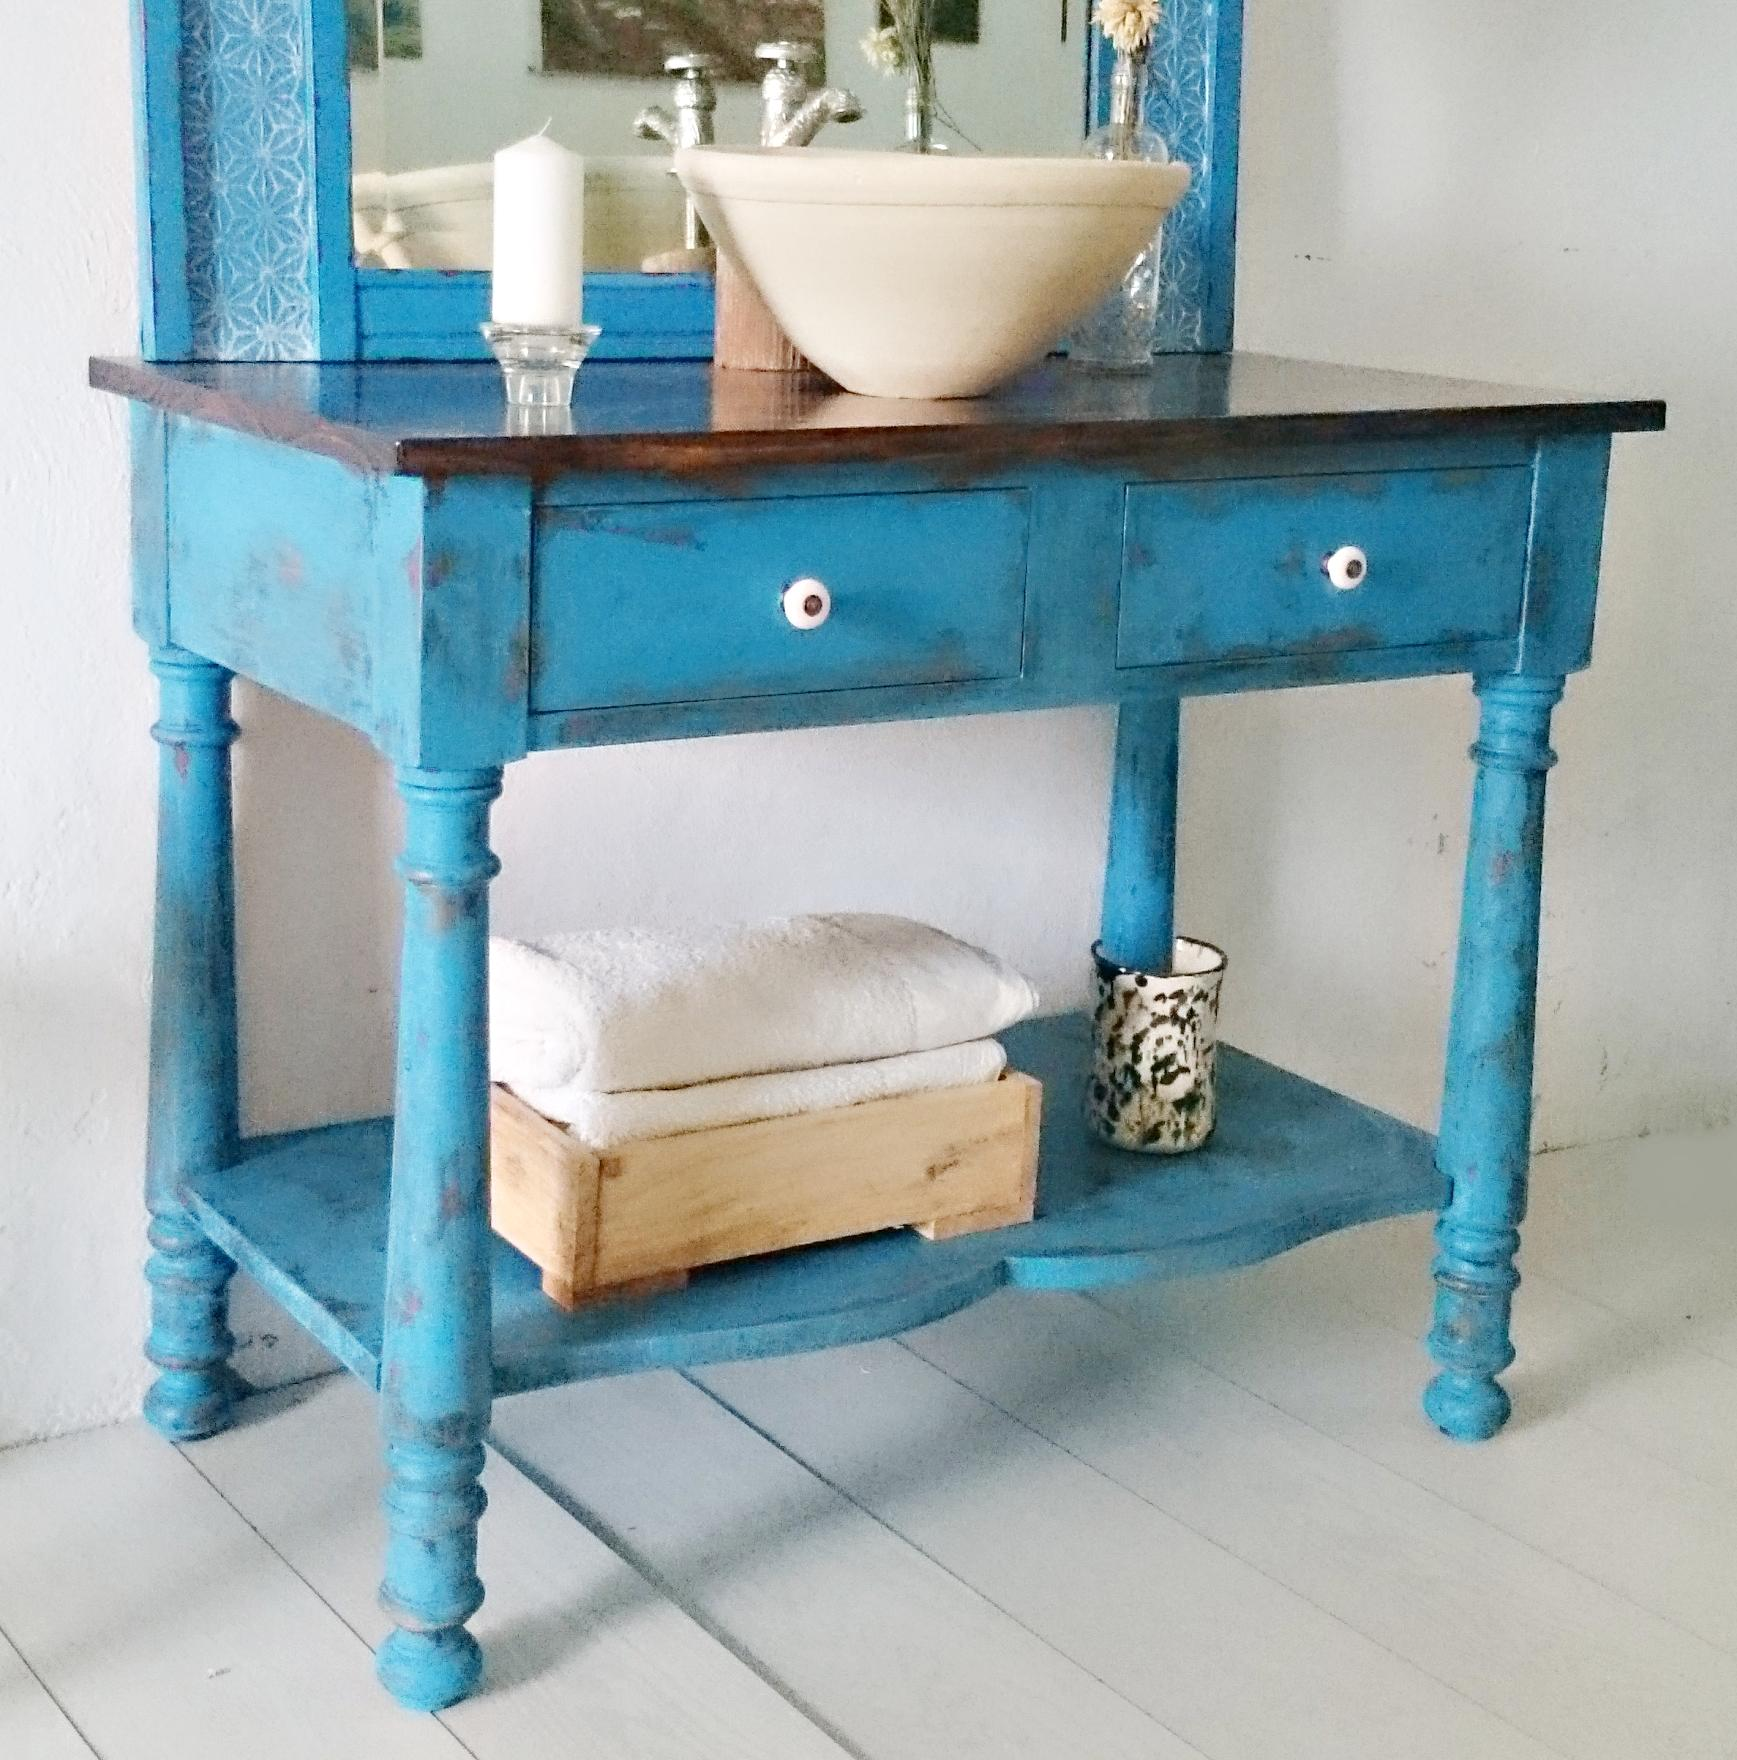 Mueble De Baño Turquesa : Mueble de ba?o en azul decapado tienda